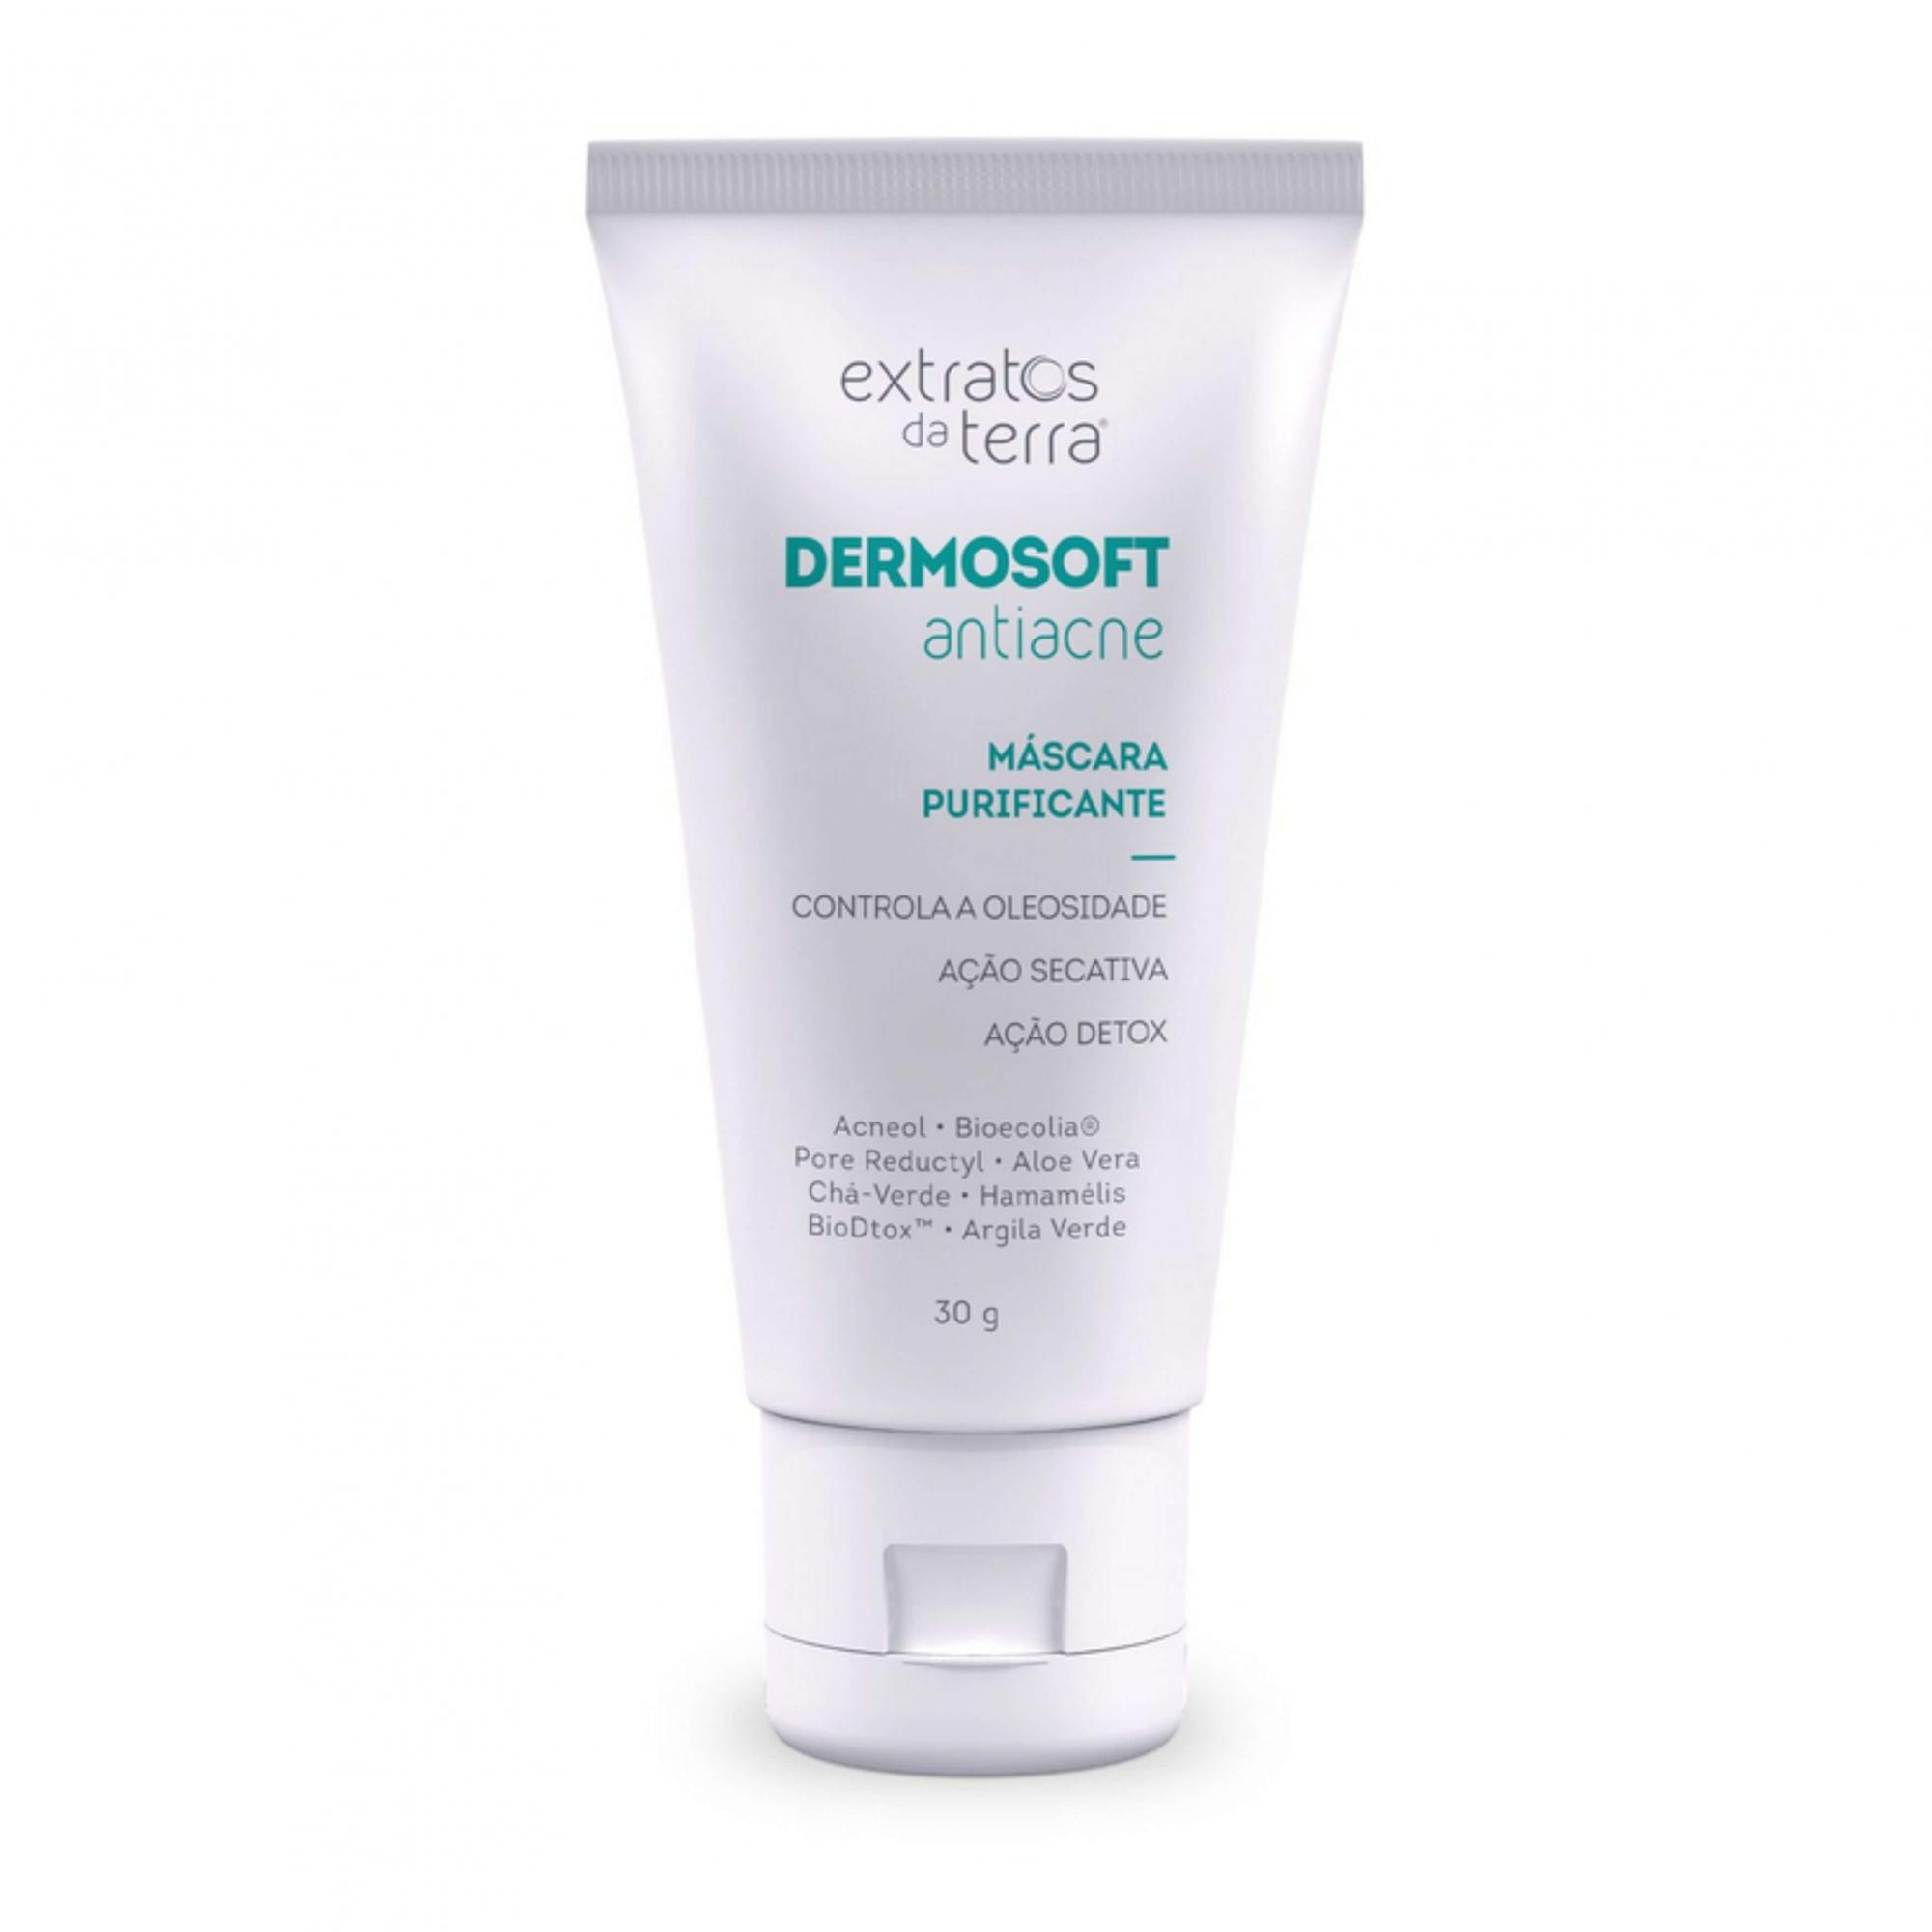 DermoSoft Antiacne - Máscara Purificante Extratos Da Terra 30g